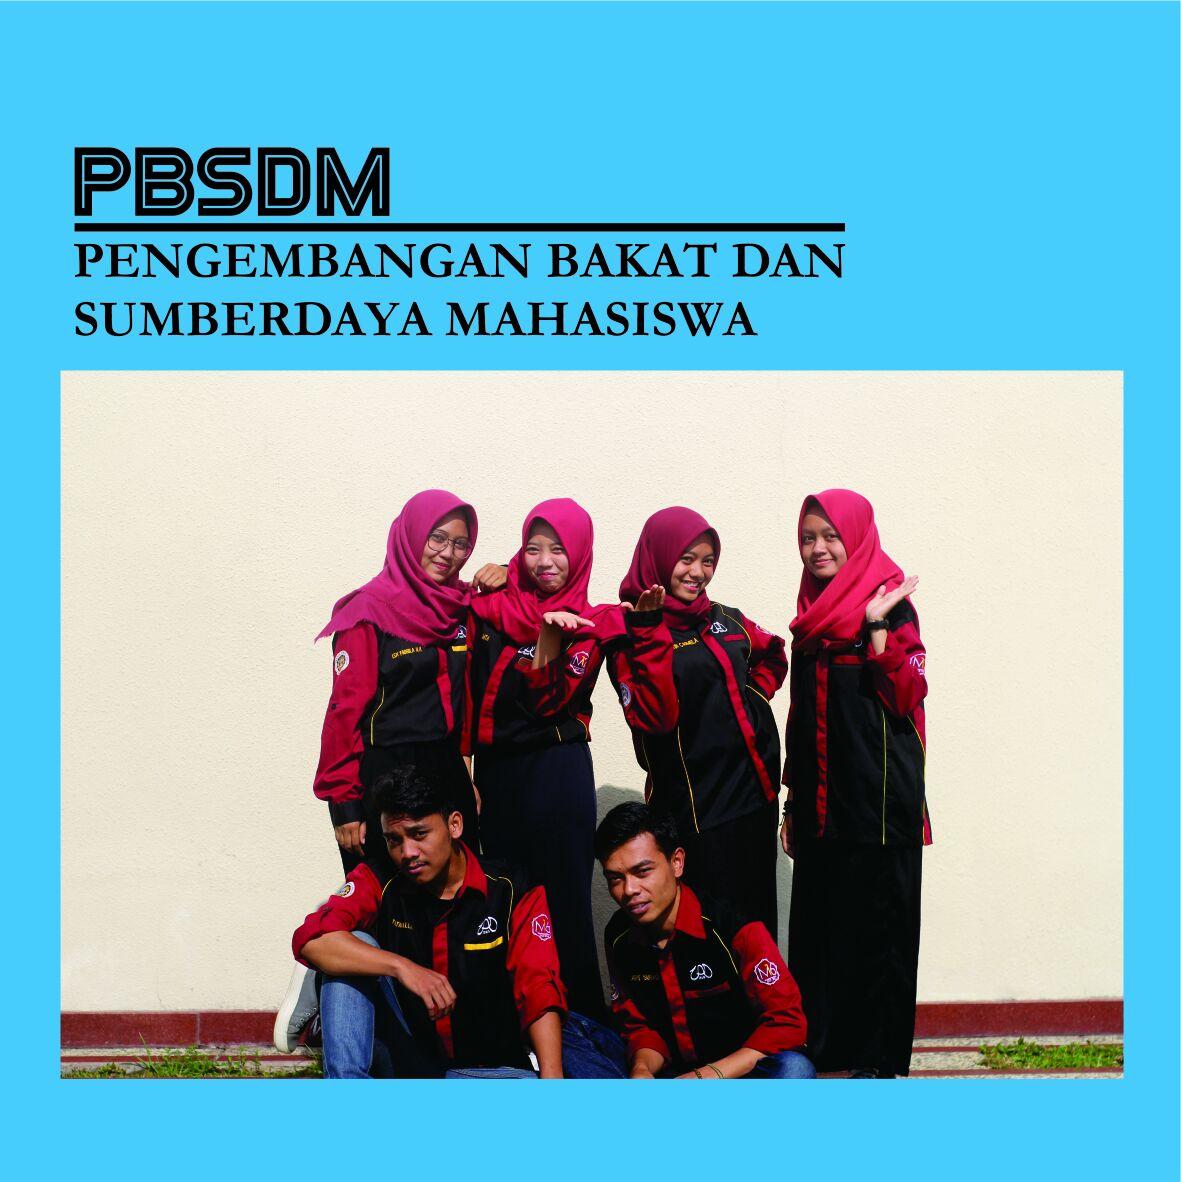 PBSDM